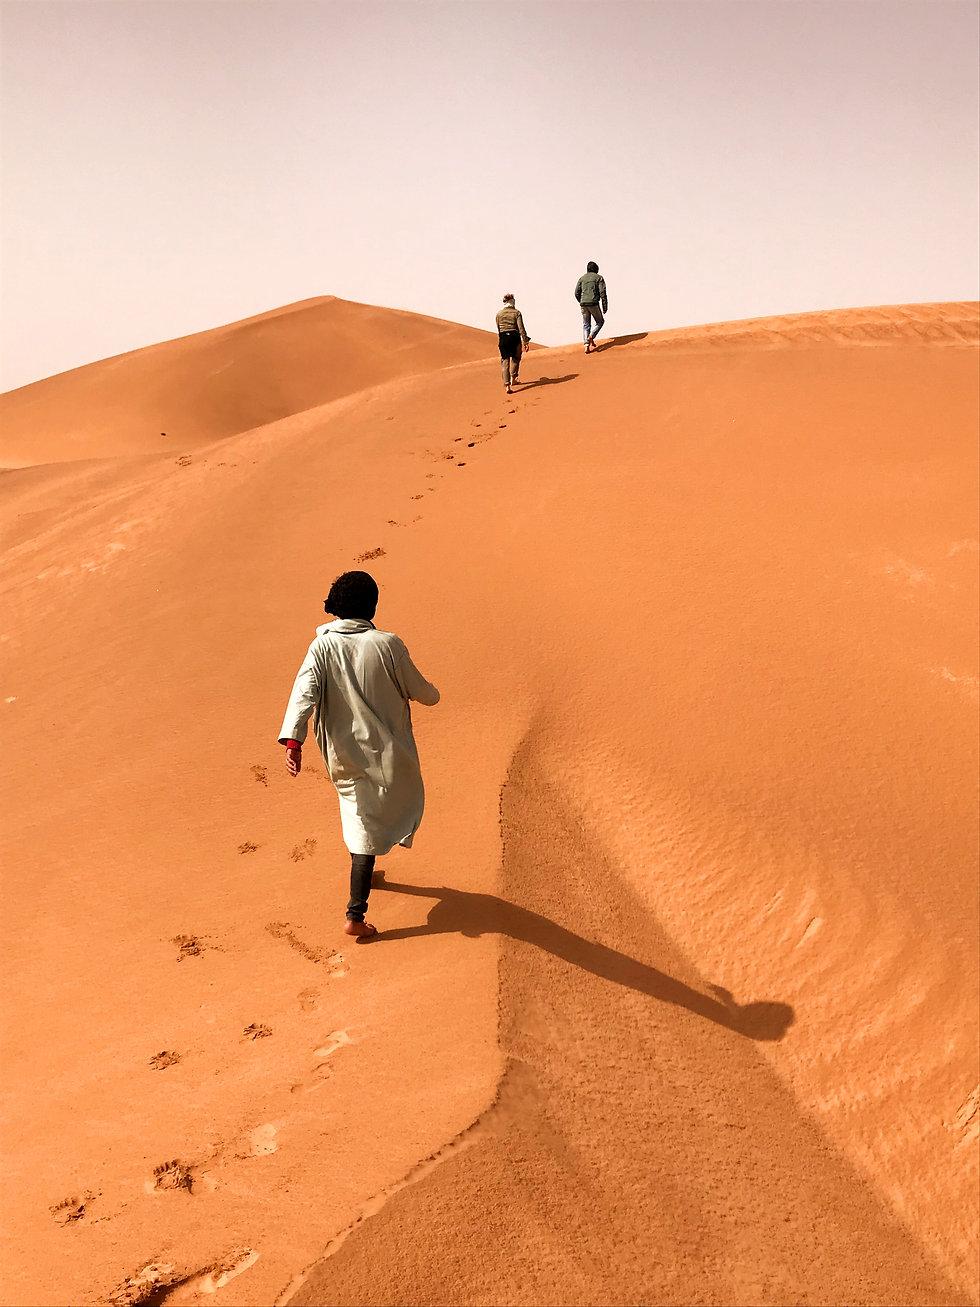 Trek desert MHamid Maroc.jpg